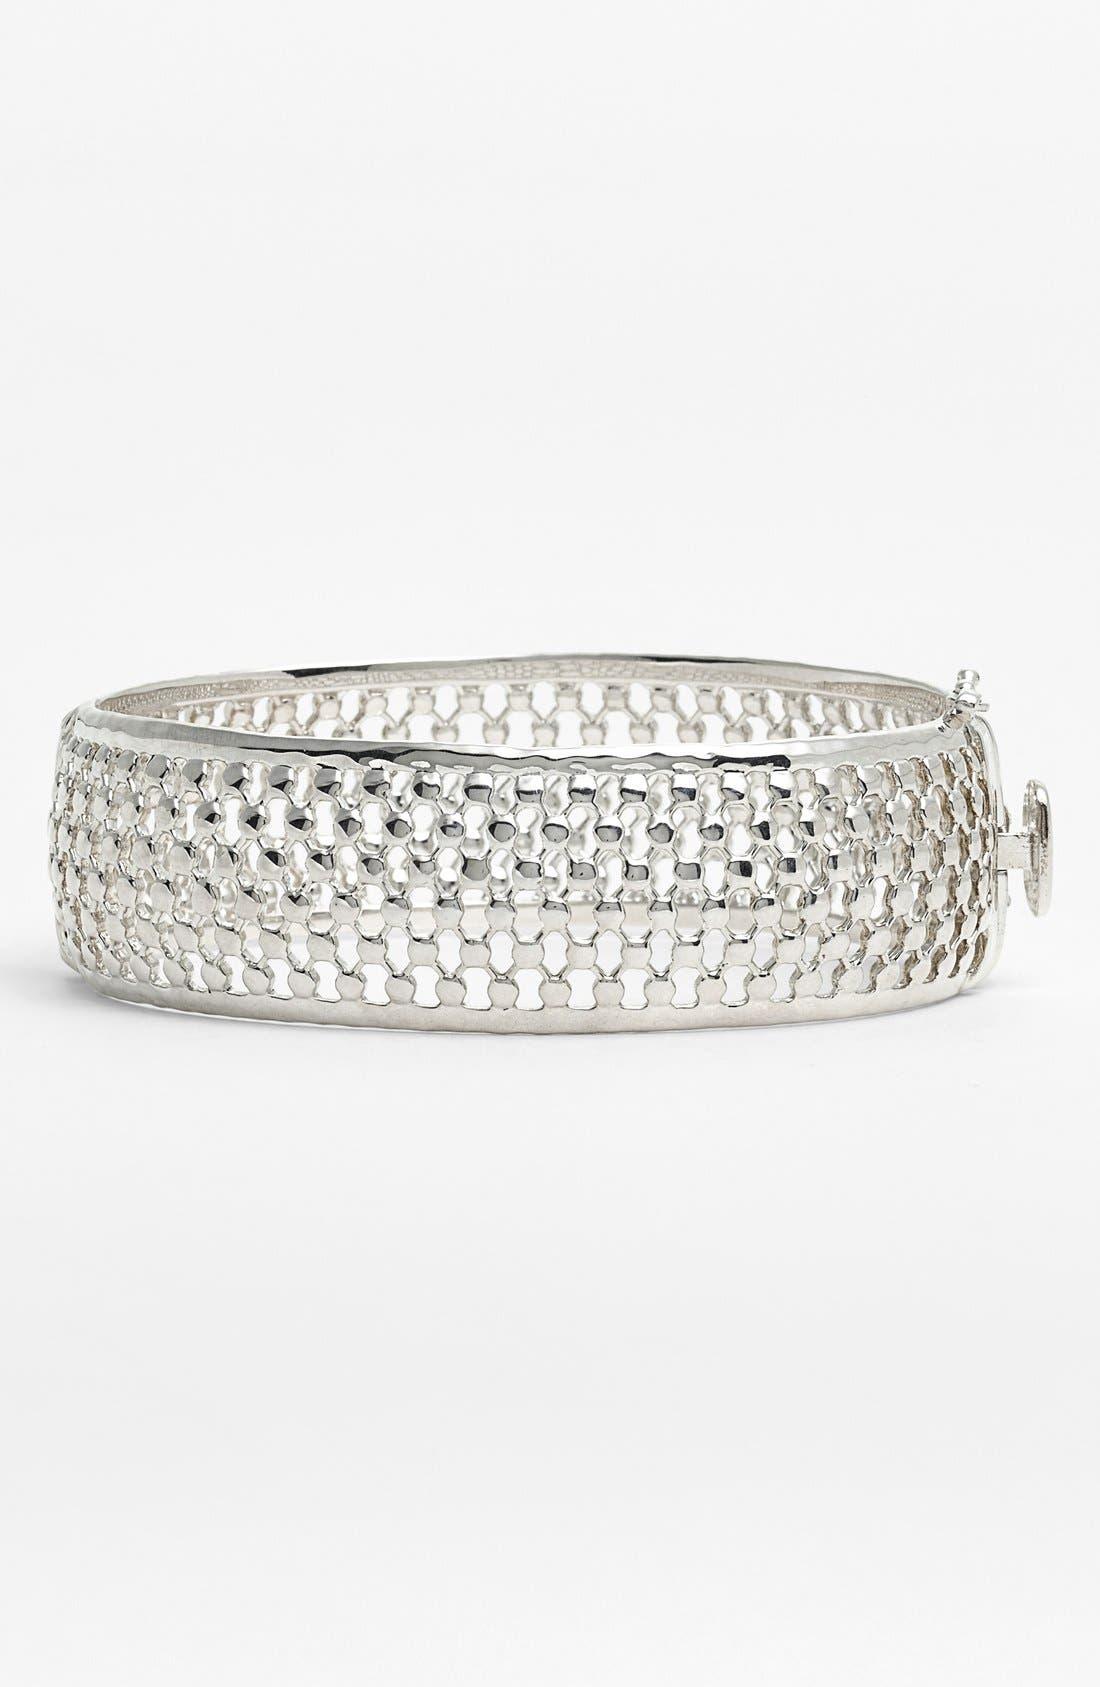 Alternate Image 1 Selected - Judith Jack 'Decadent Color' Wide Bangle Bracelet